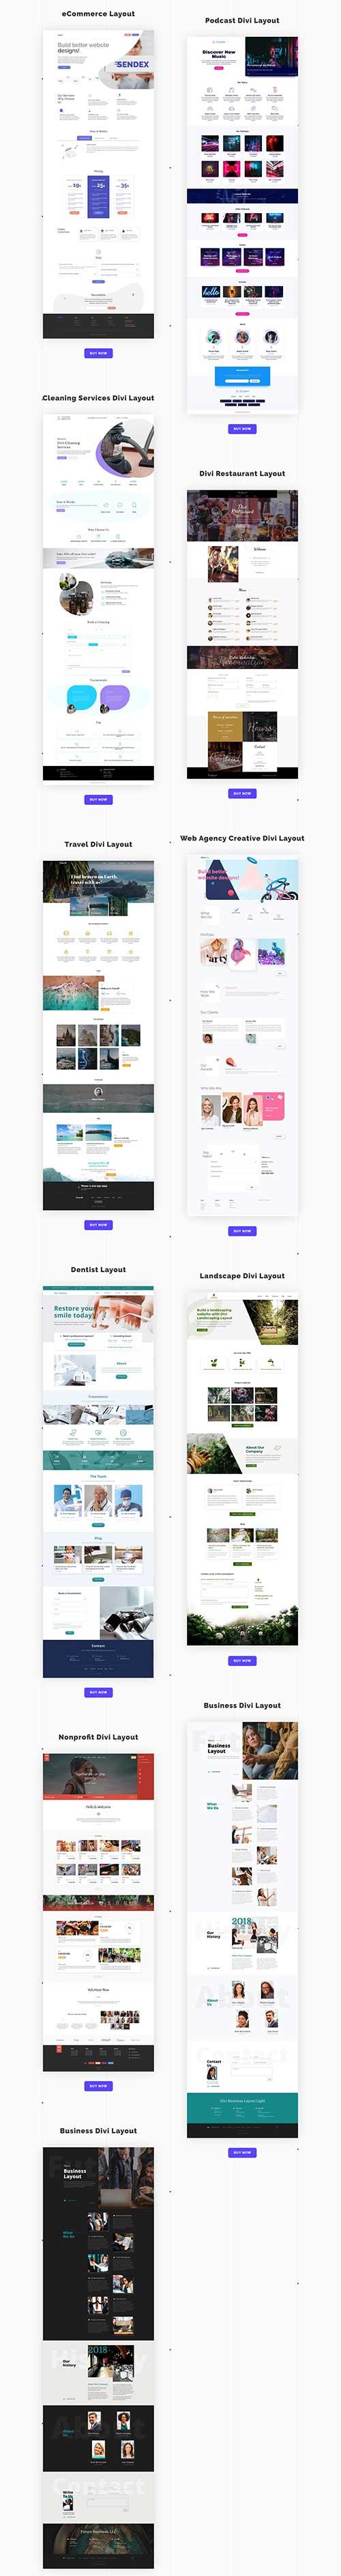 divi space layouts bundle